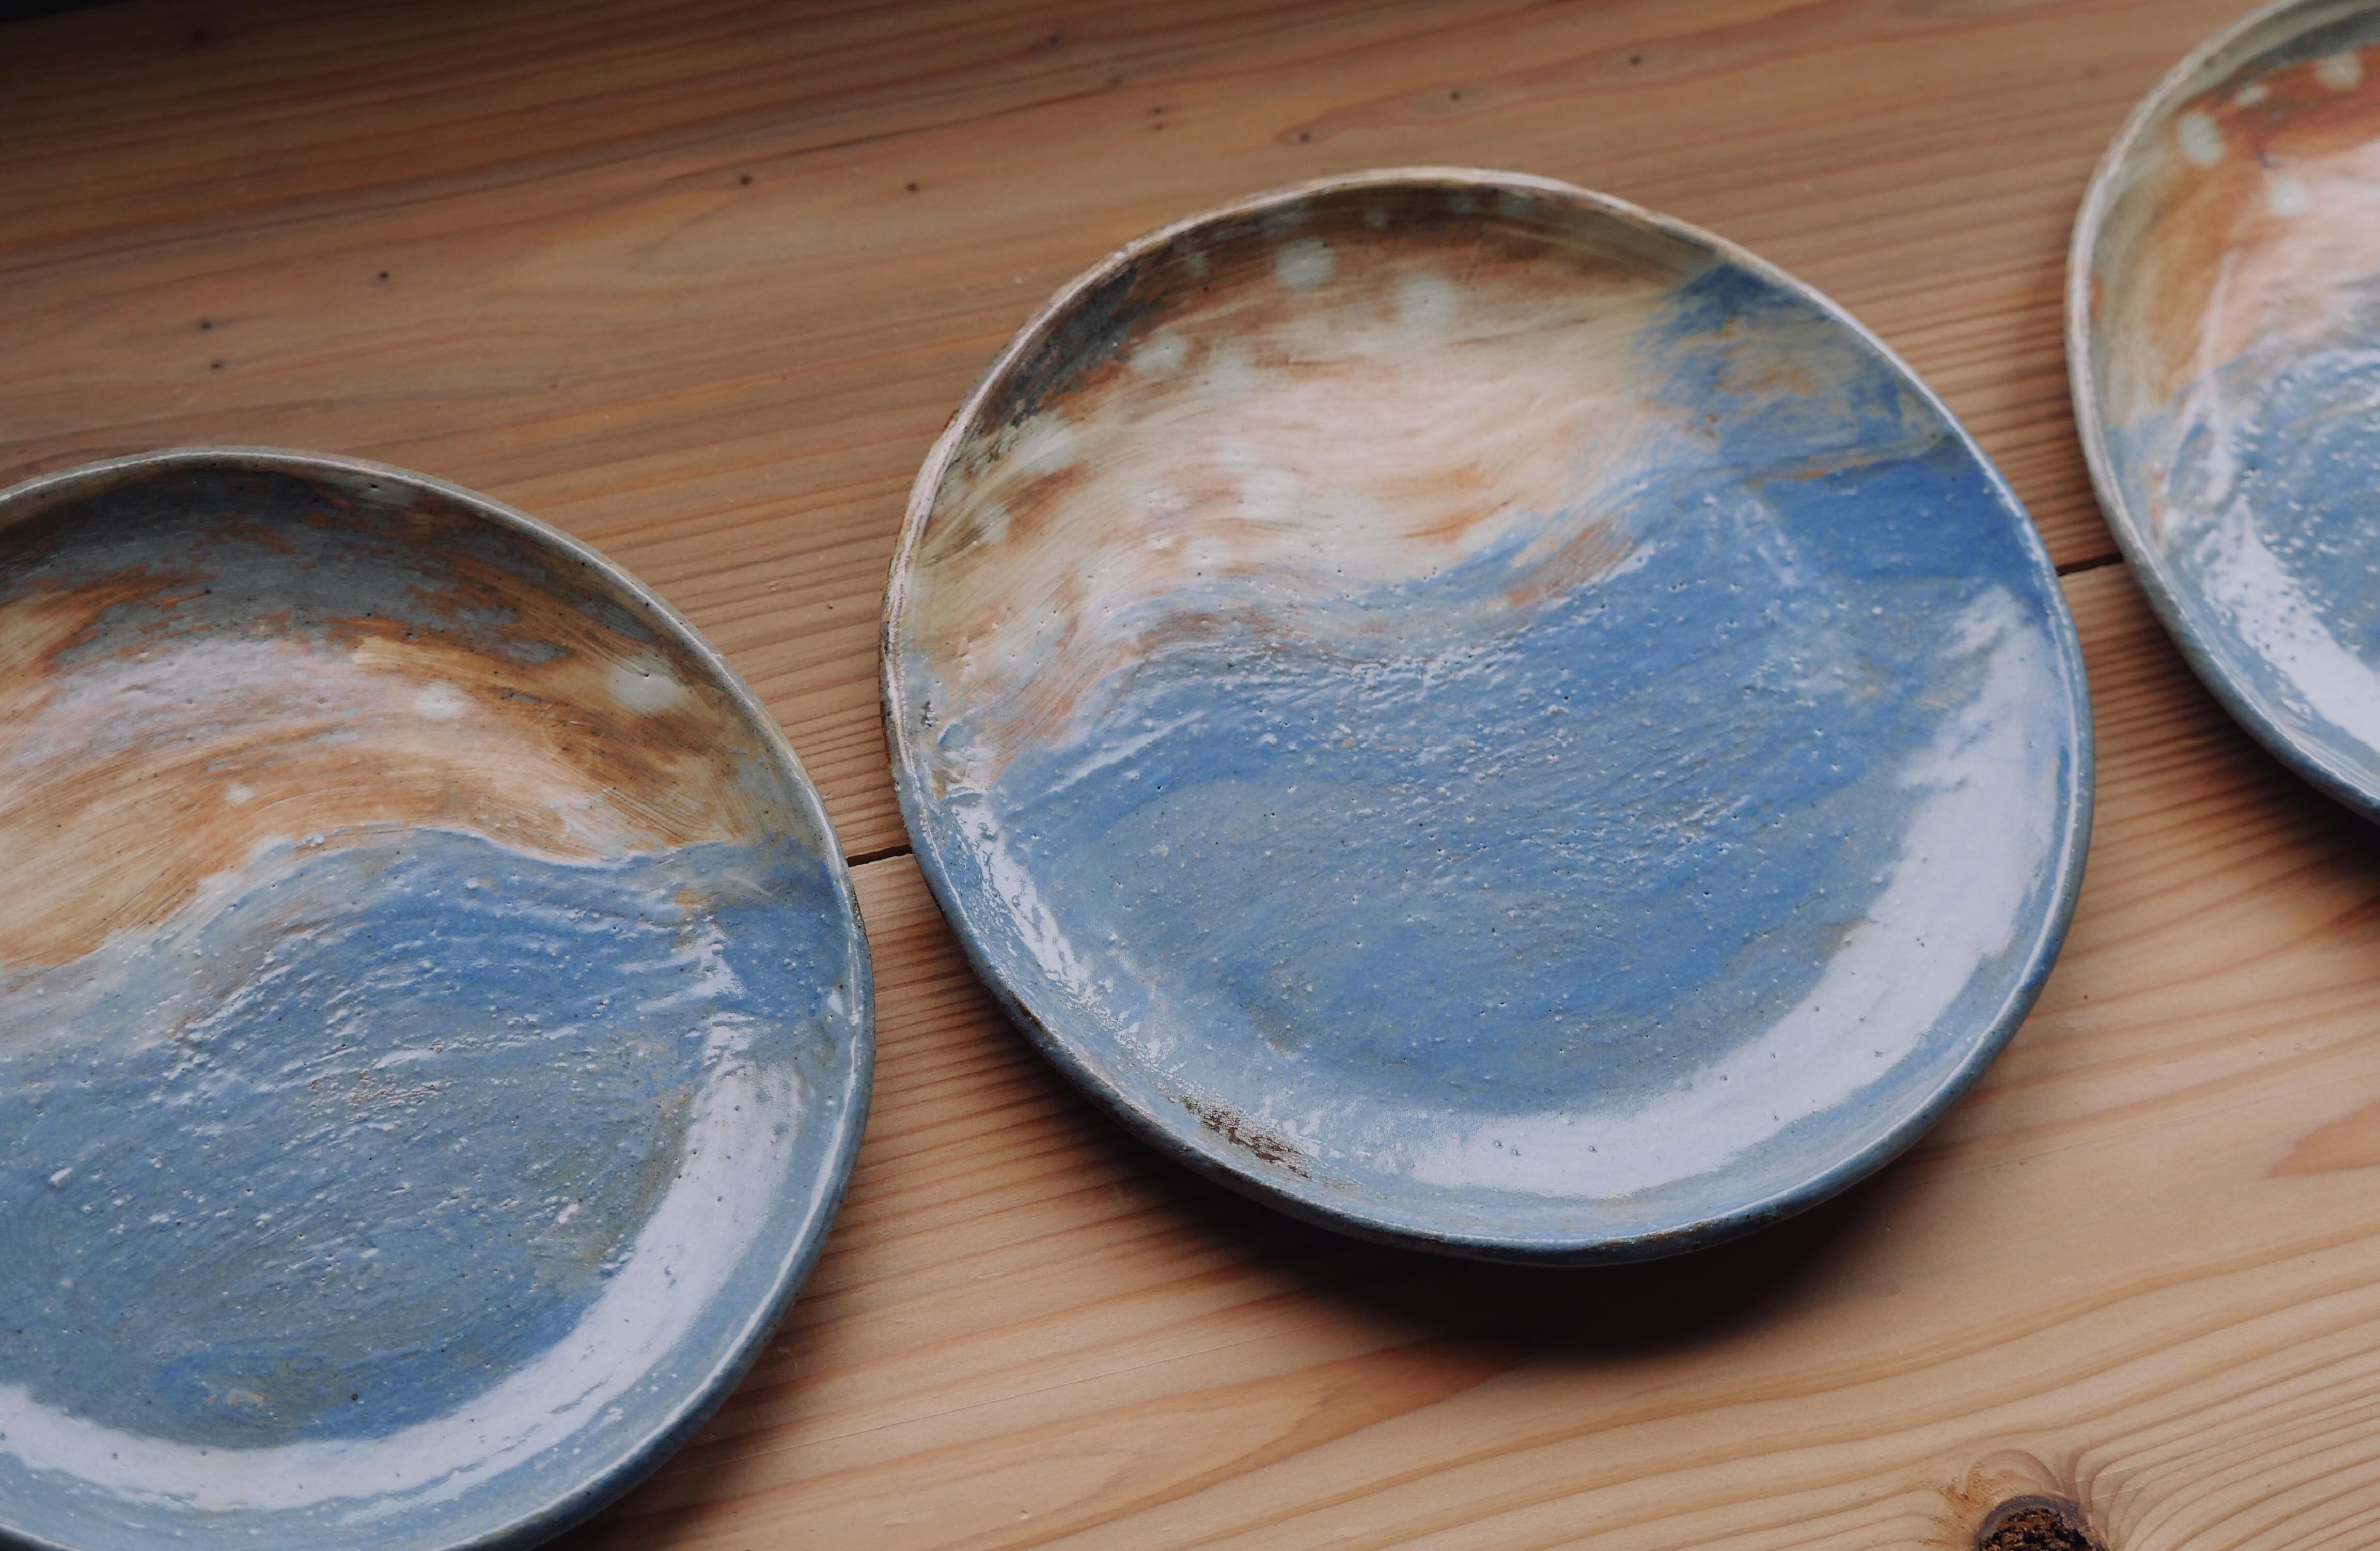 sunset plates tableware keramiek celeste ortelee